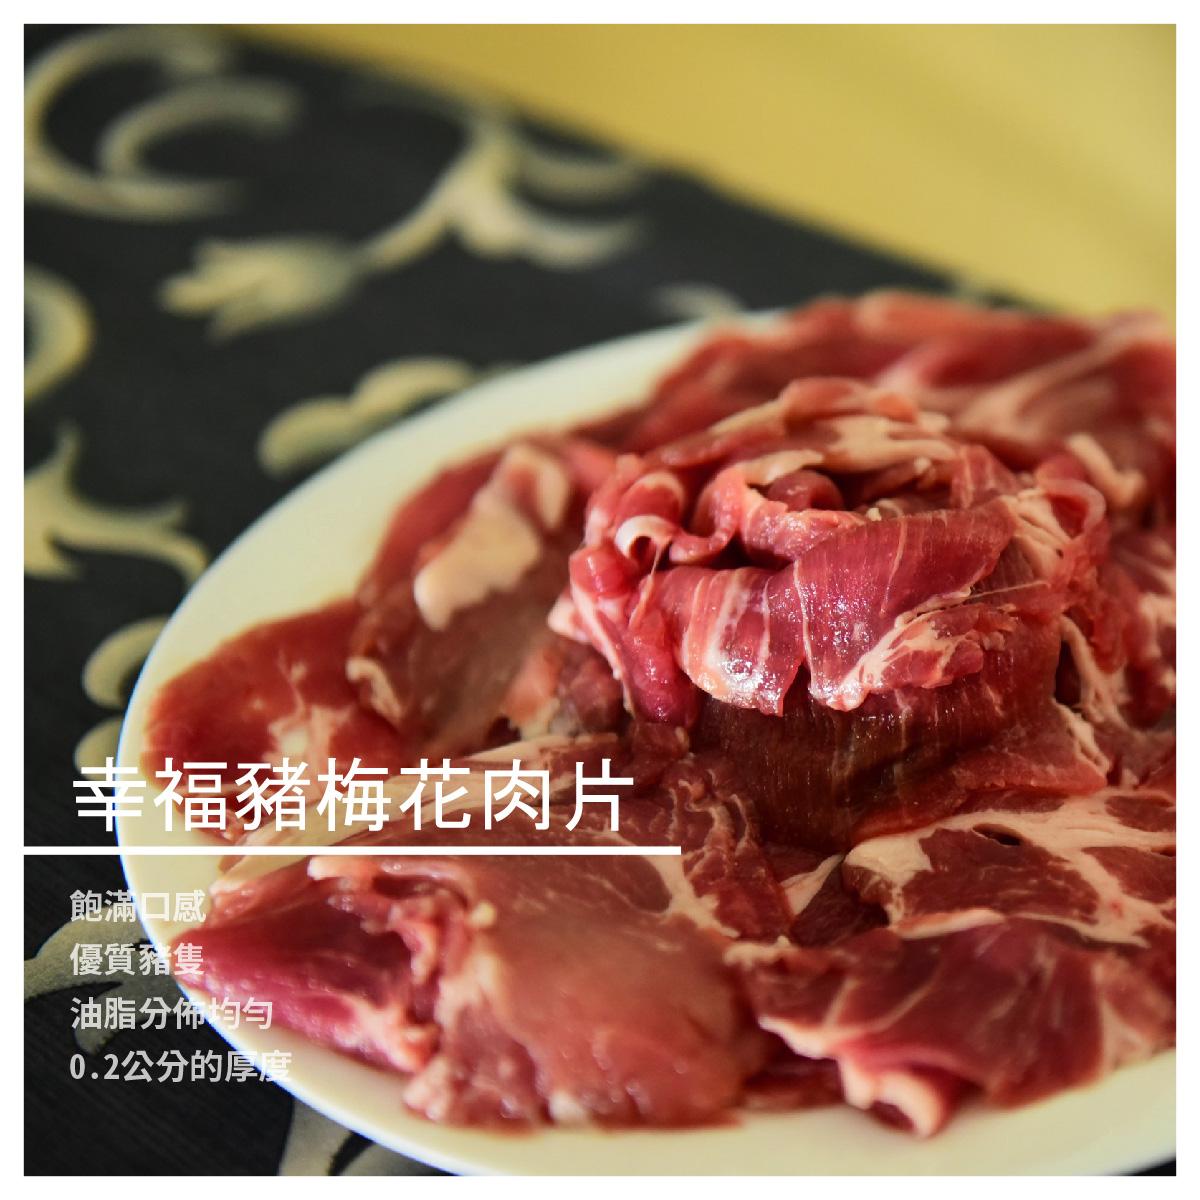 【原型舖子】幸福豬梅花肉片/10包組